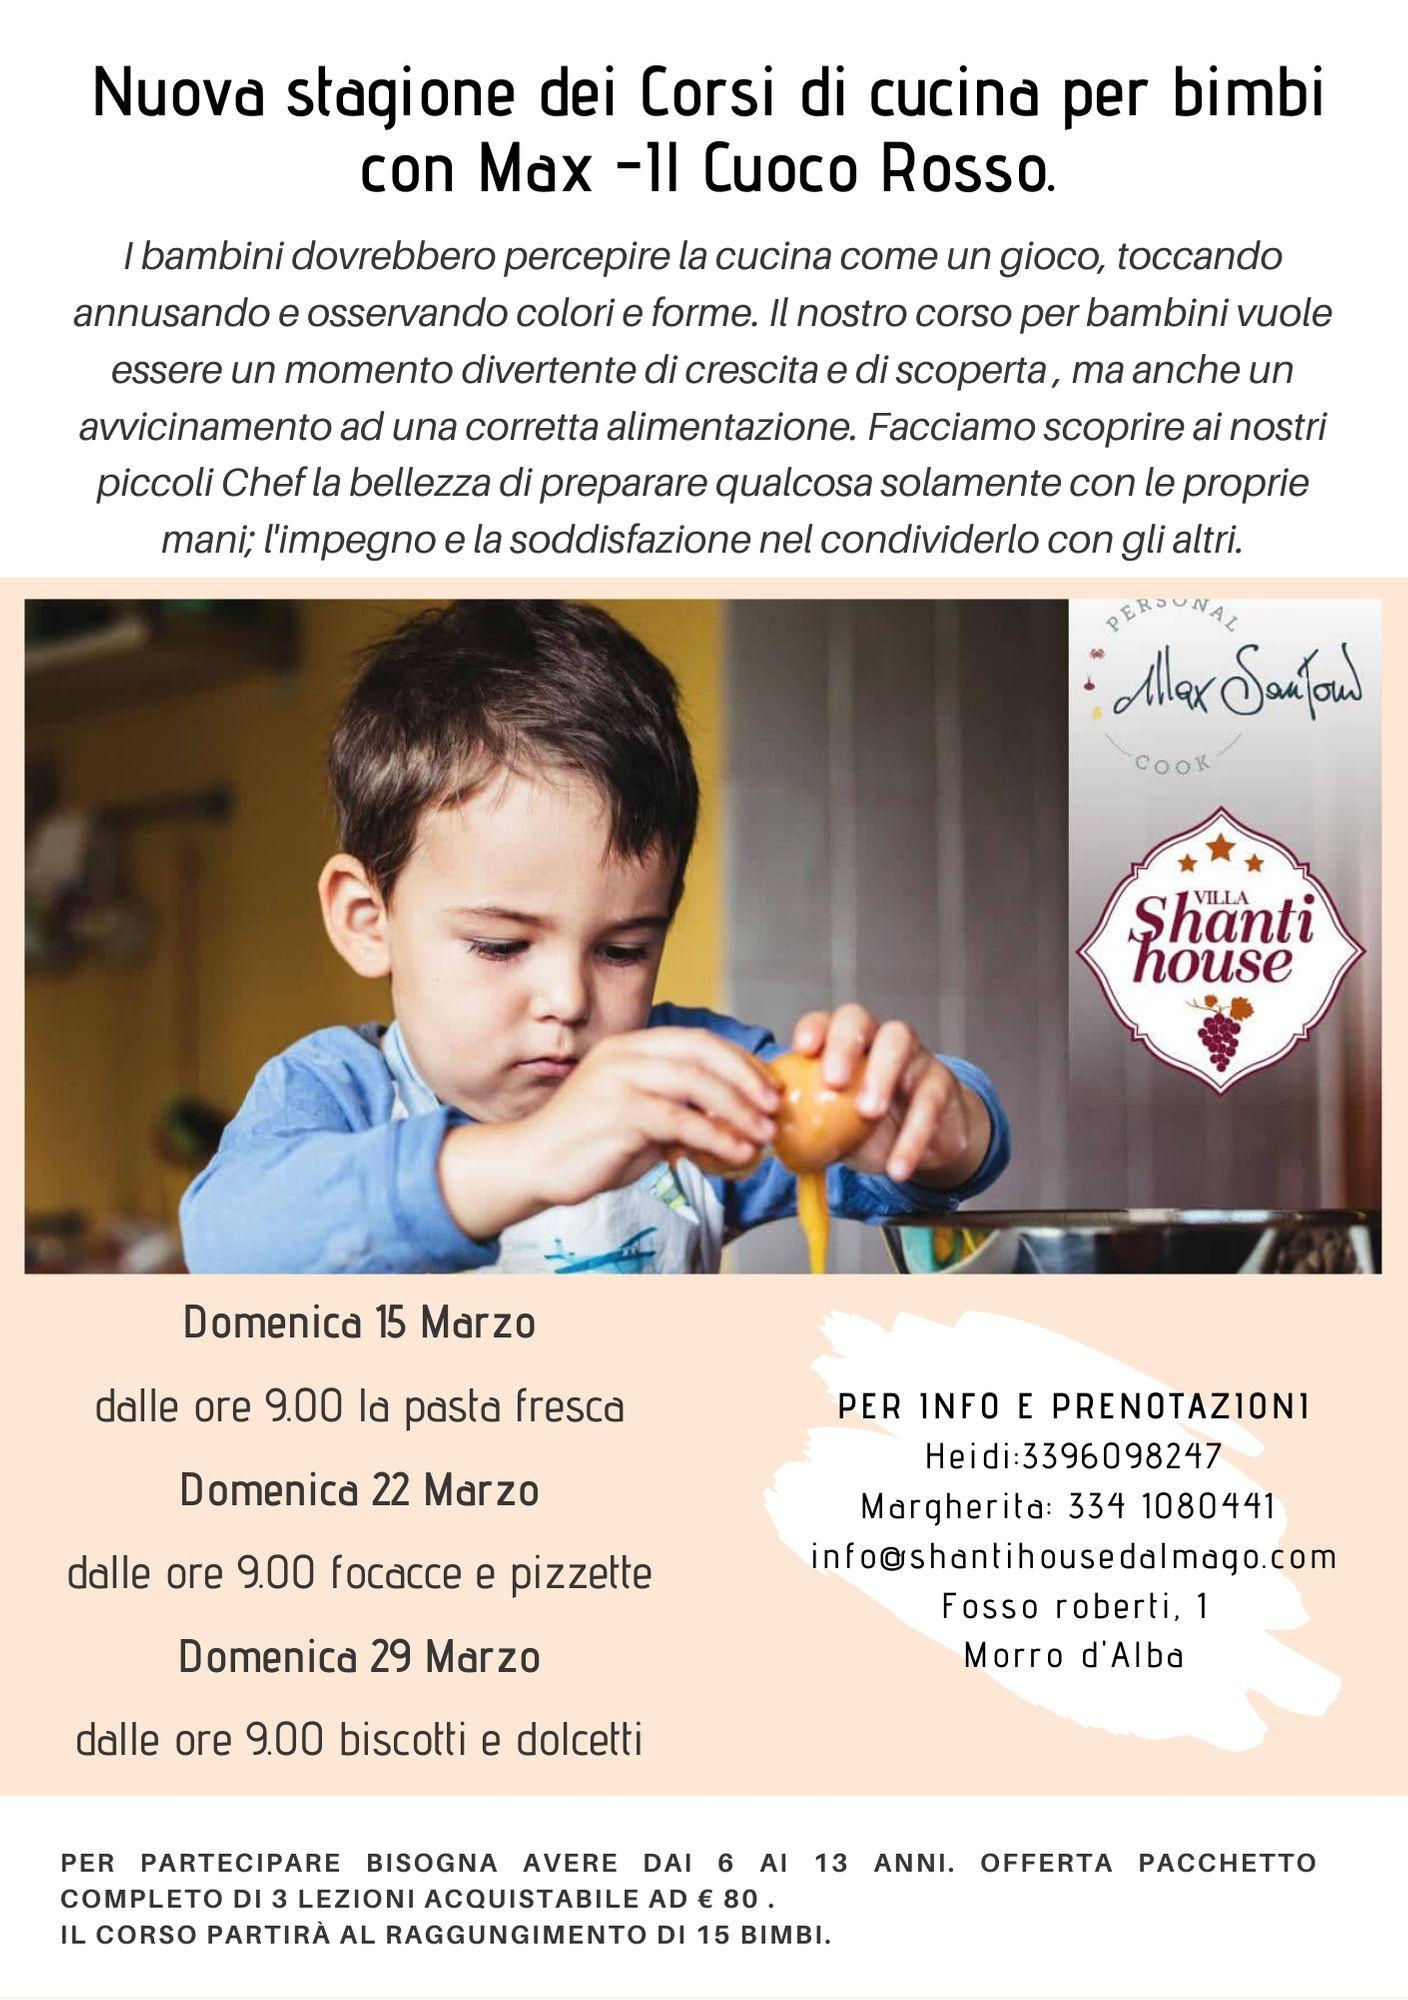 Torna una nuova stagione dei corsi di cucina per bimbi con Max Santoni- Il Cuoco Rosso